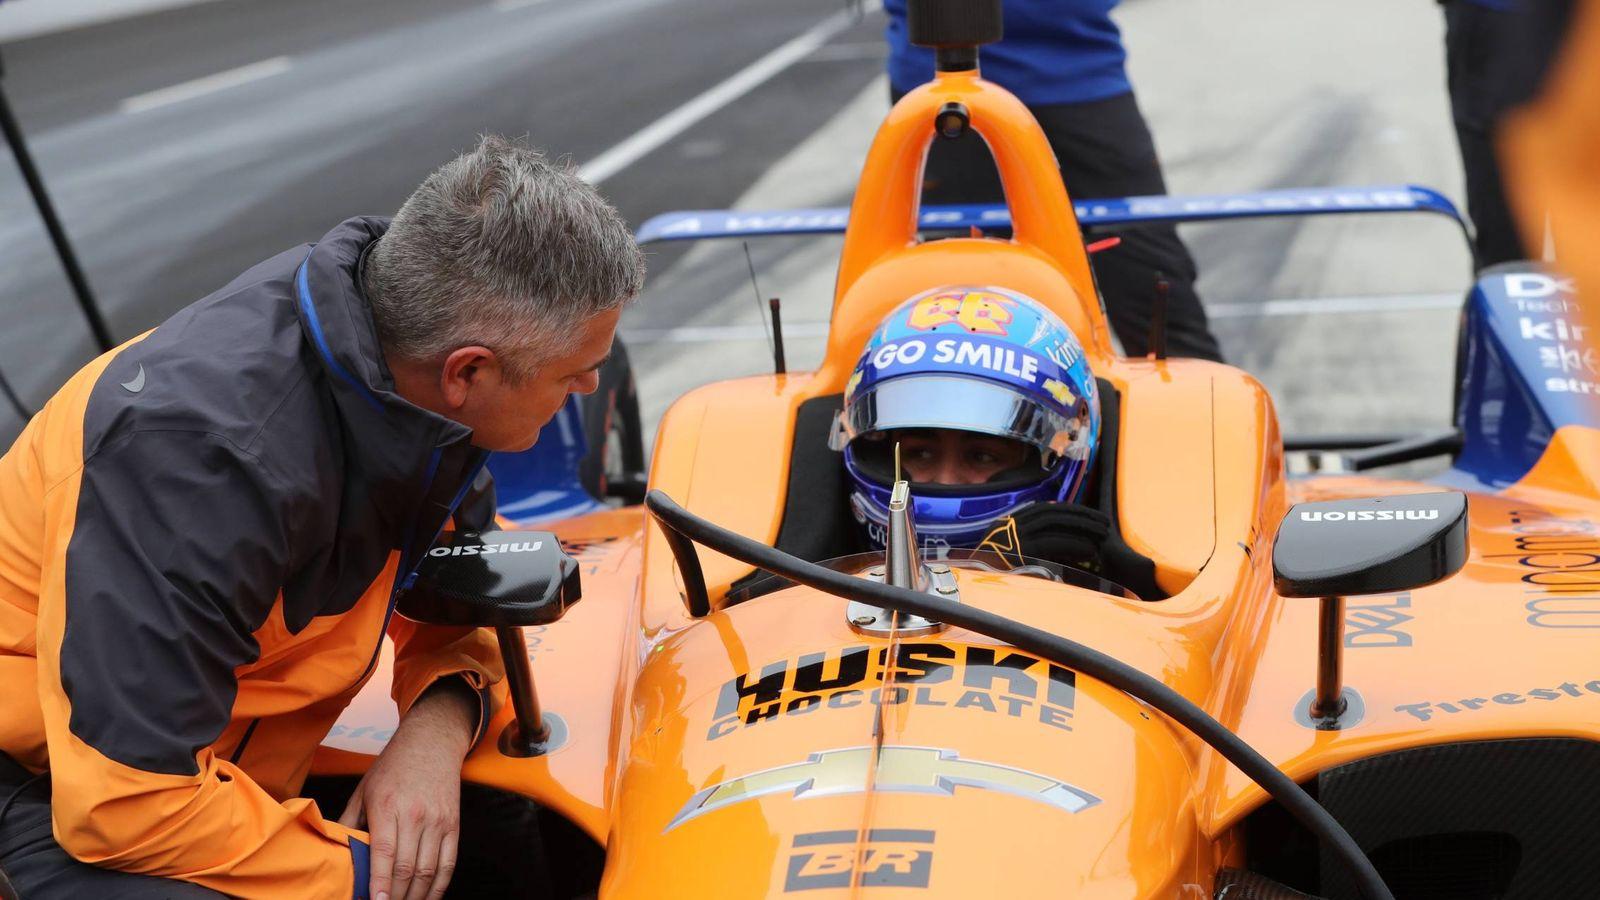 Foto: Fernando Alonso en su monoplaza en Indianápolis. (@McLarenIndy)